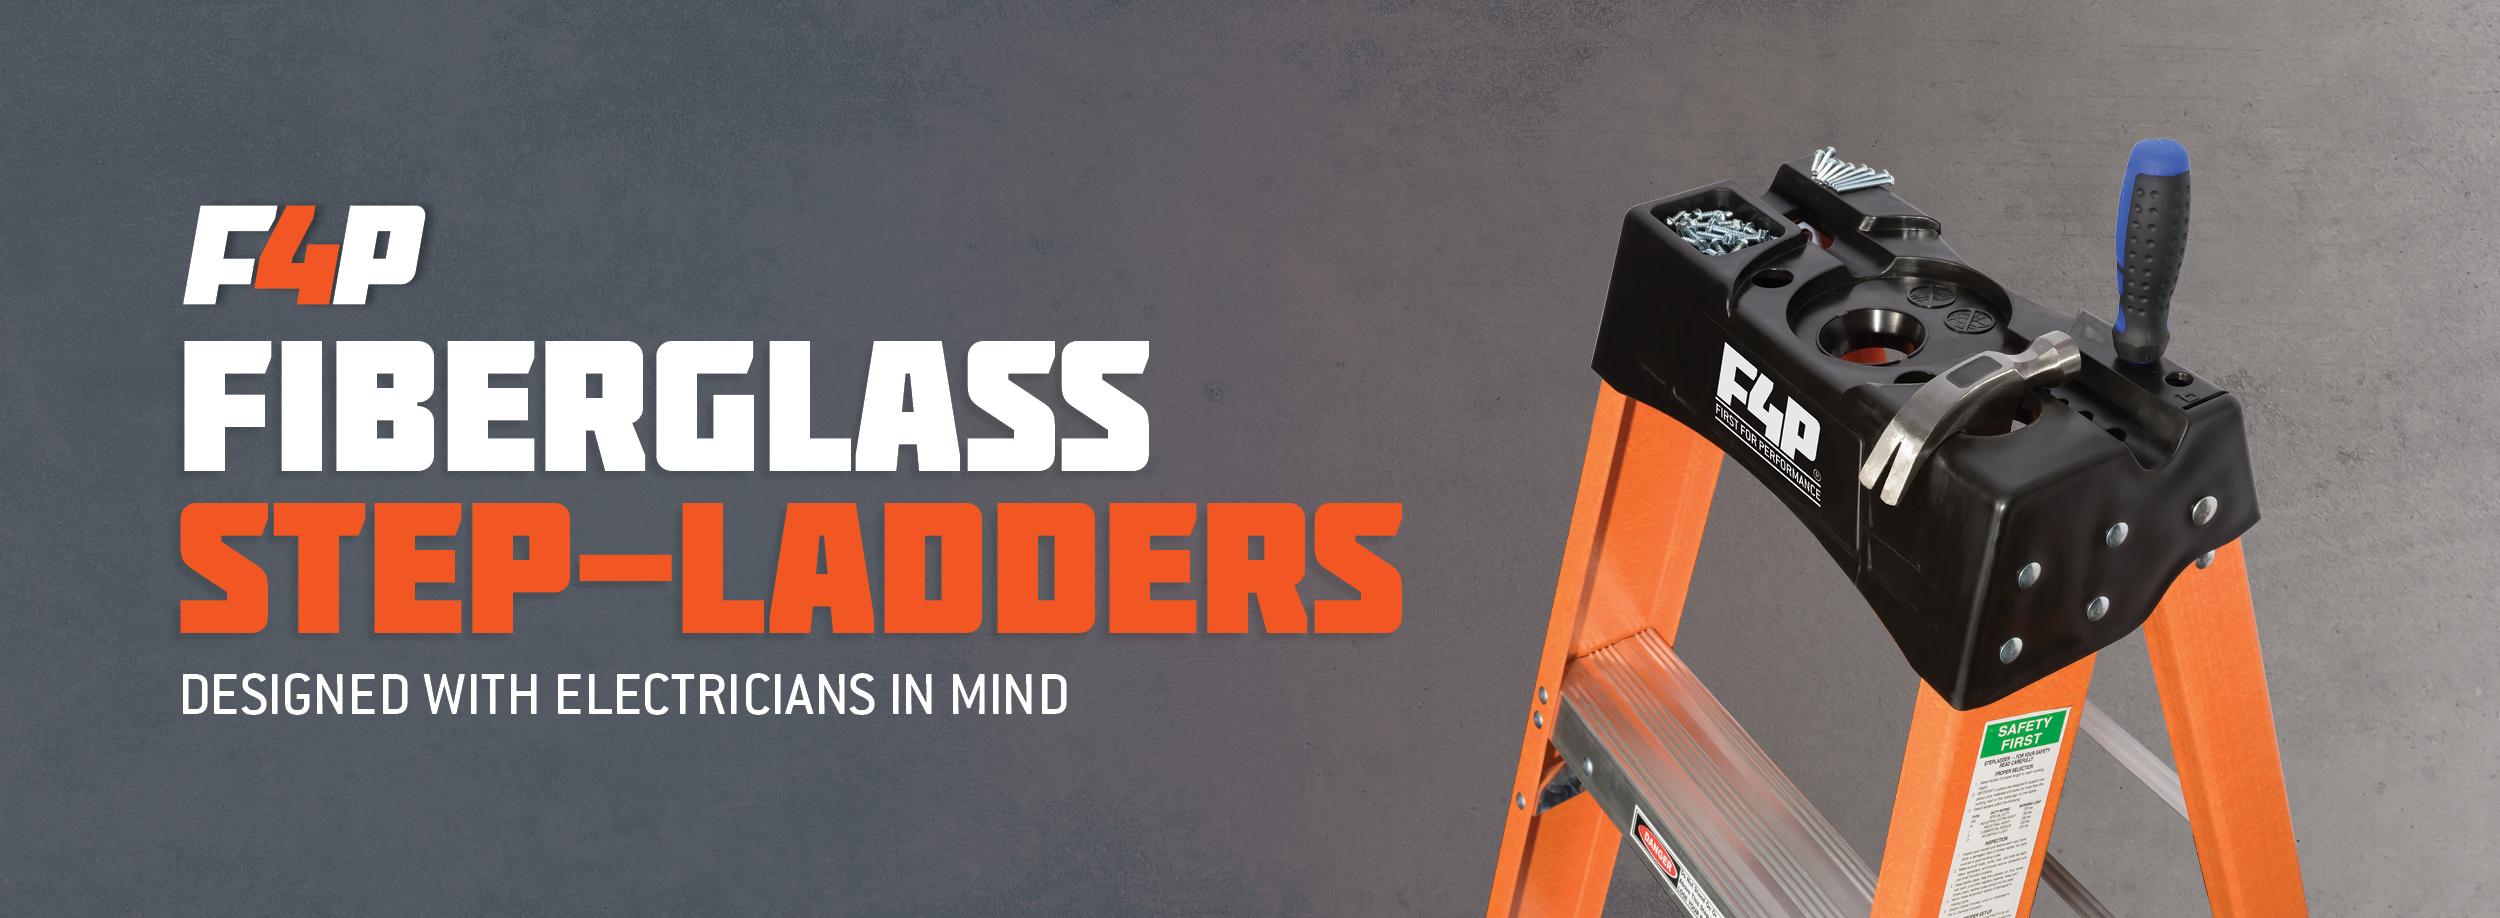 F4P Fiberglass Stepladder Banner